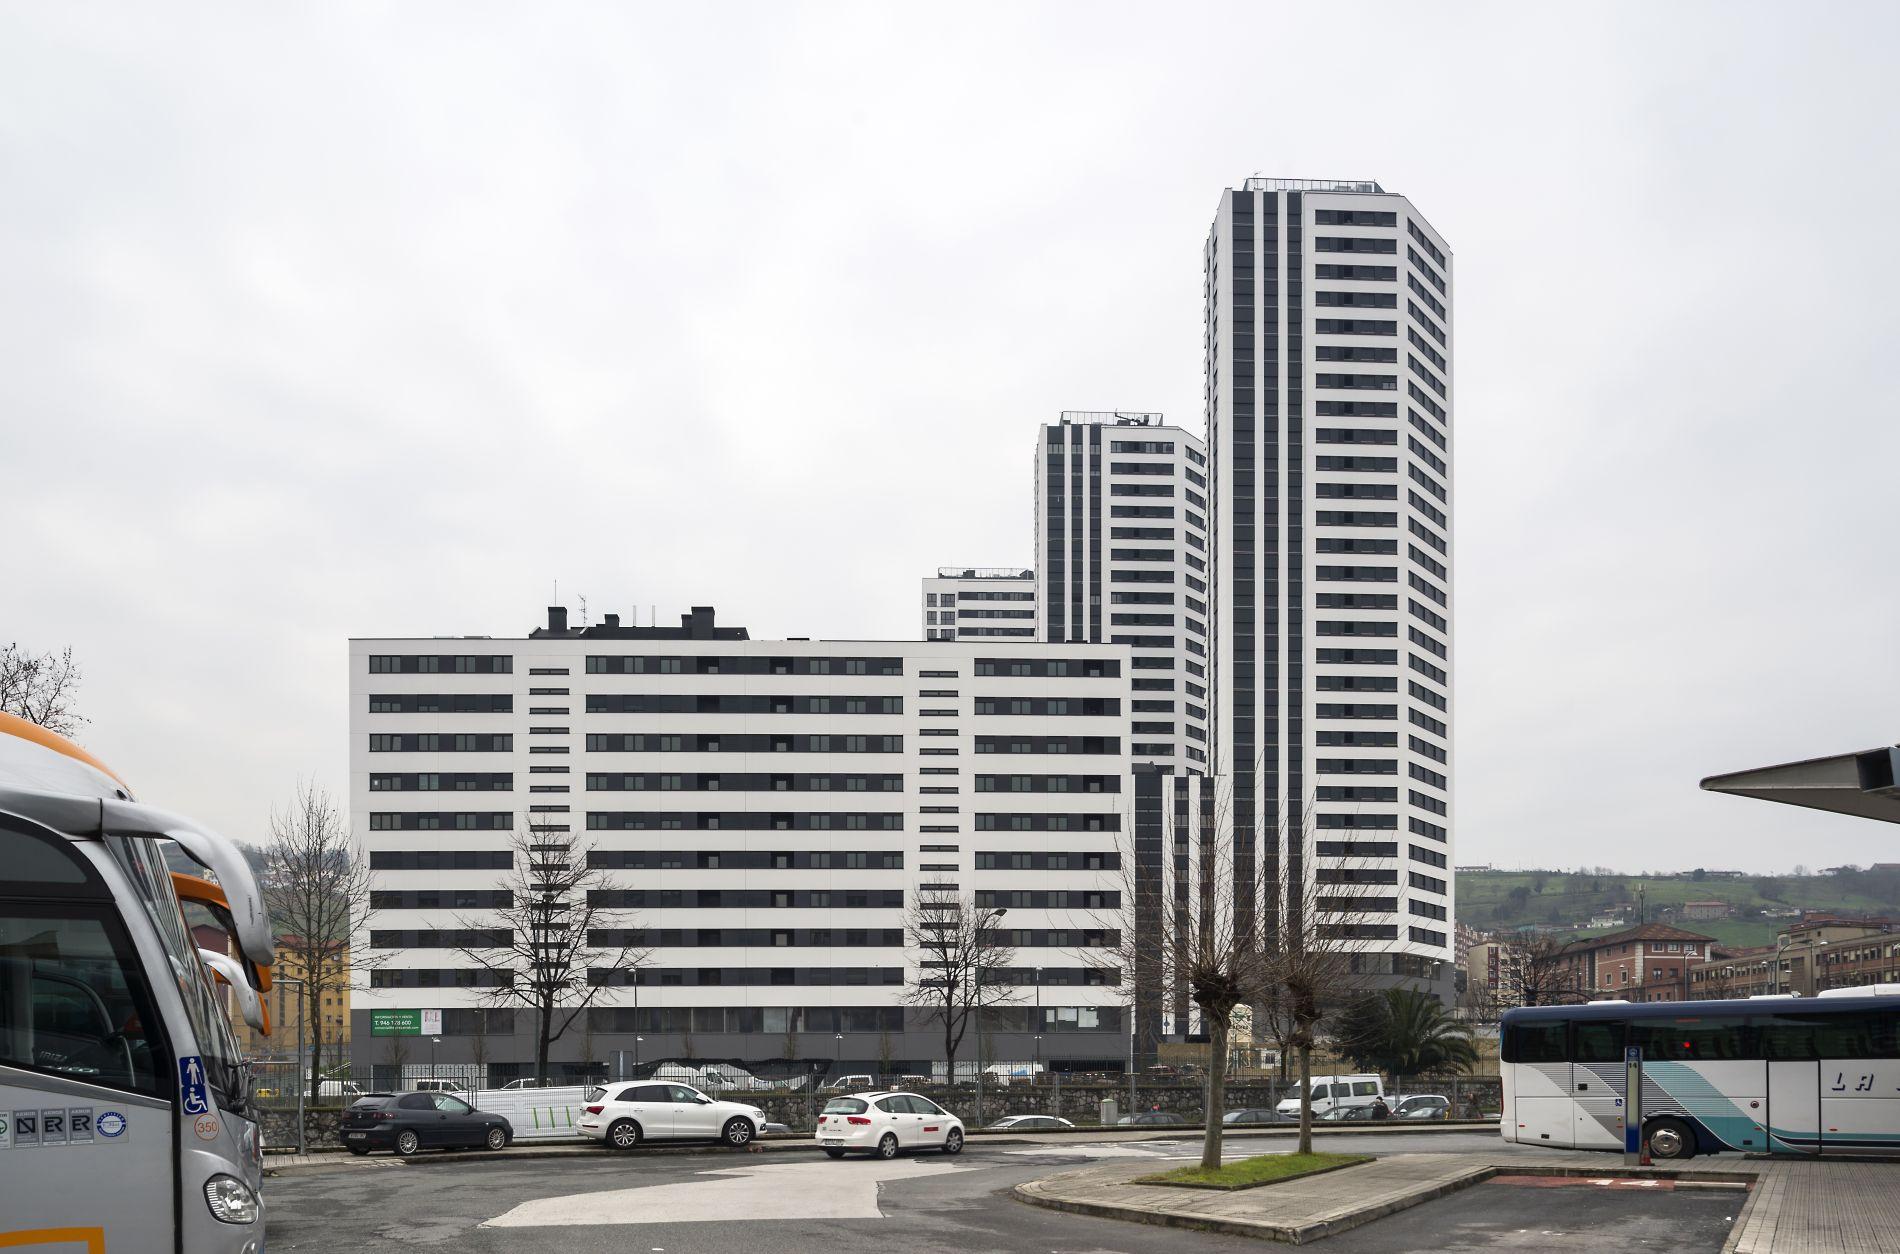 Fiark - 318 Viviendas VPO y 289 tasadas en Bilbao 11